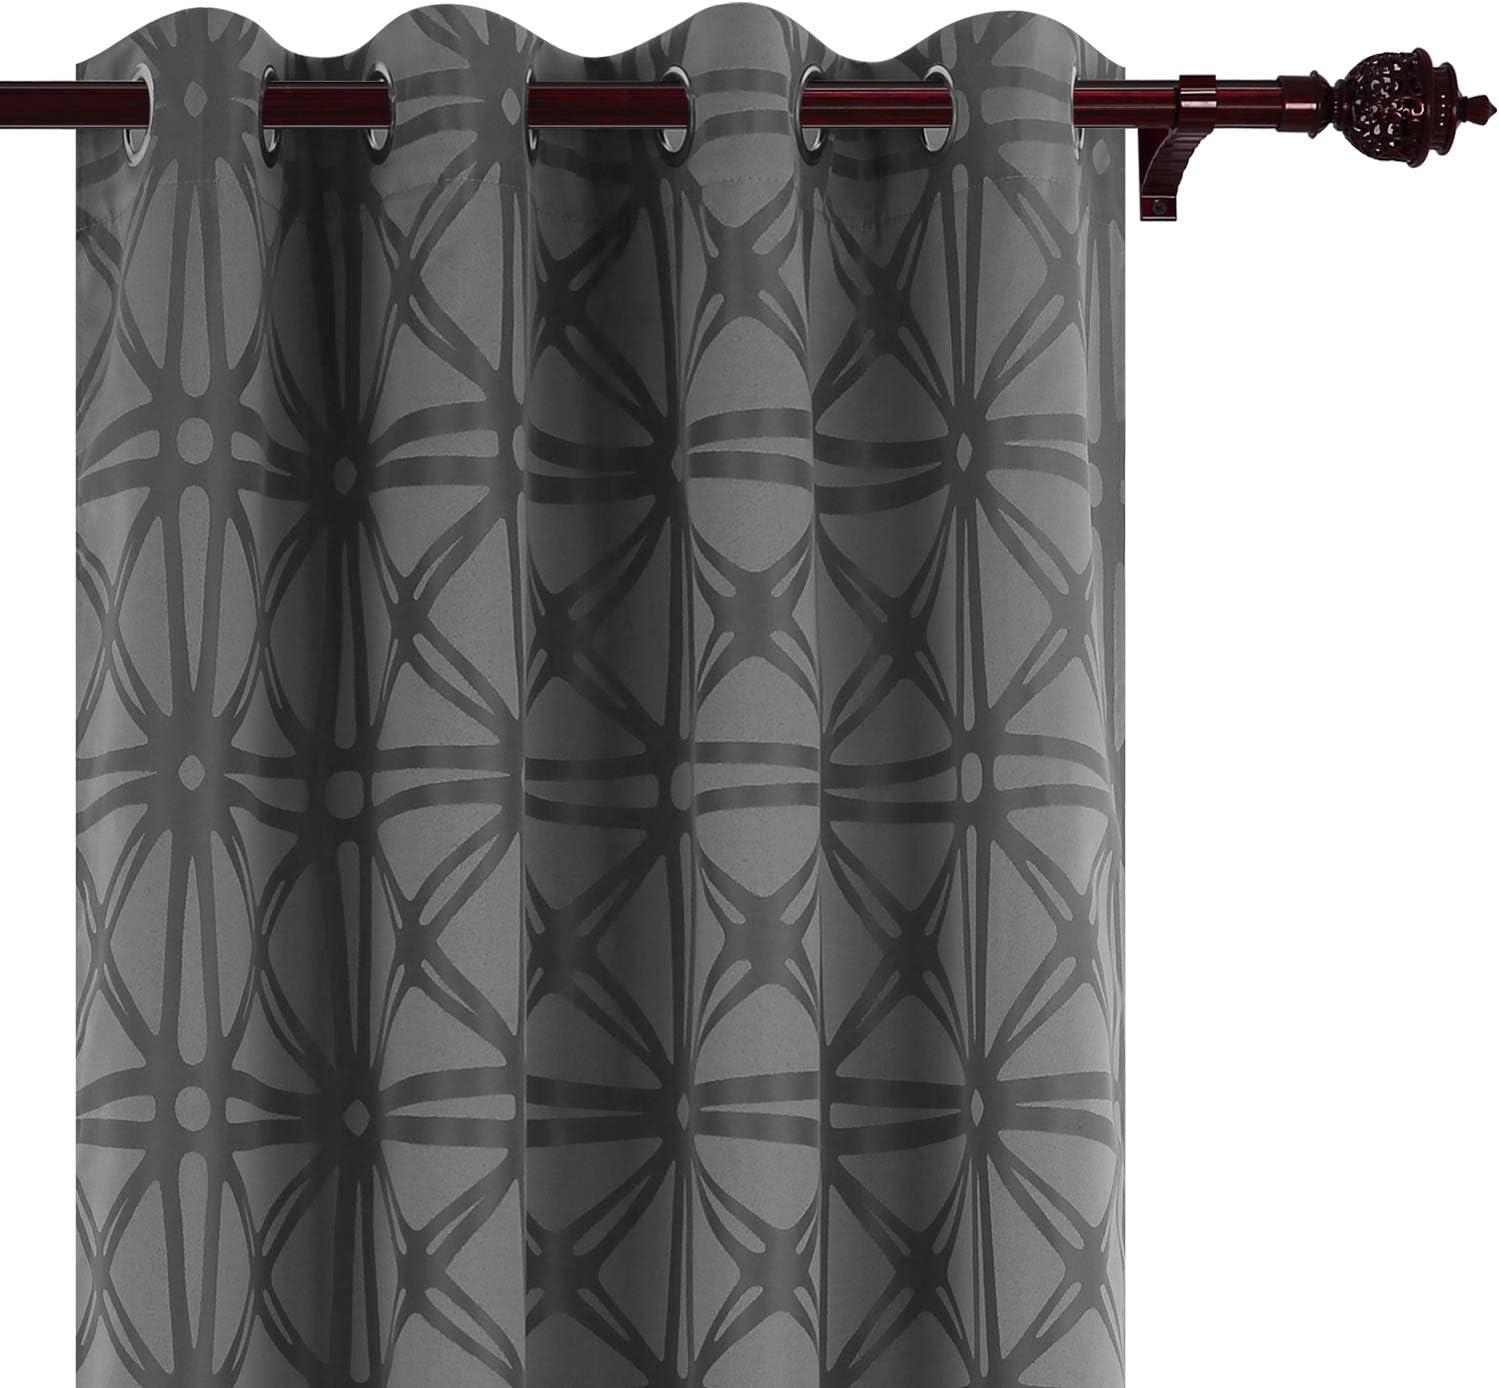 全国一律送料無料 Deconovo Room Darkening Curtains Wind Thermal 完全送料無料 Insulated Jacquard